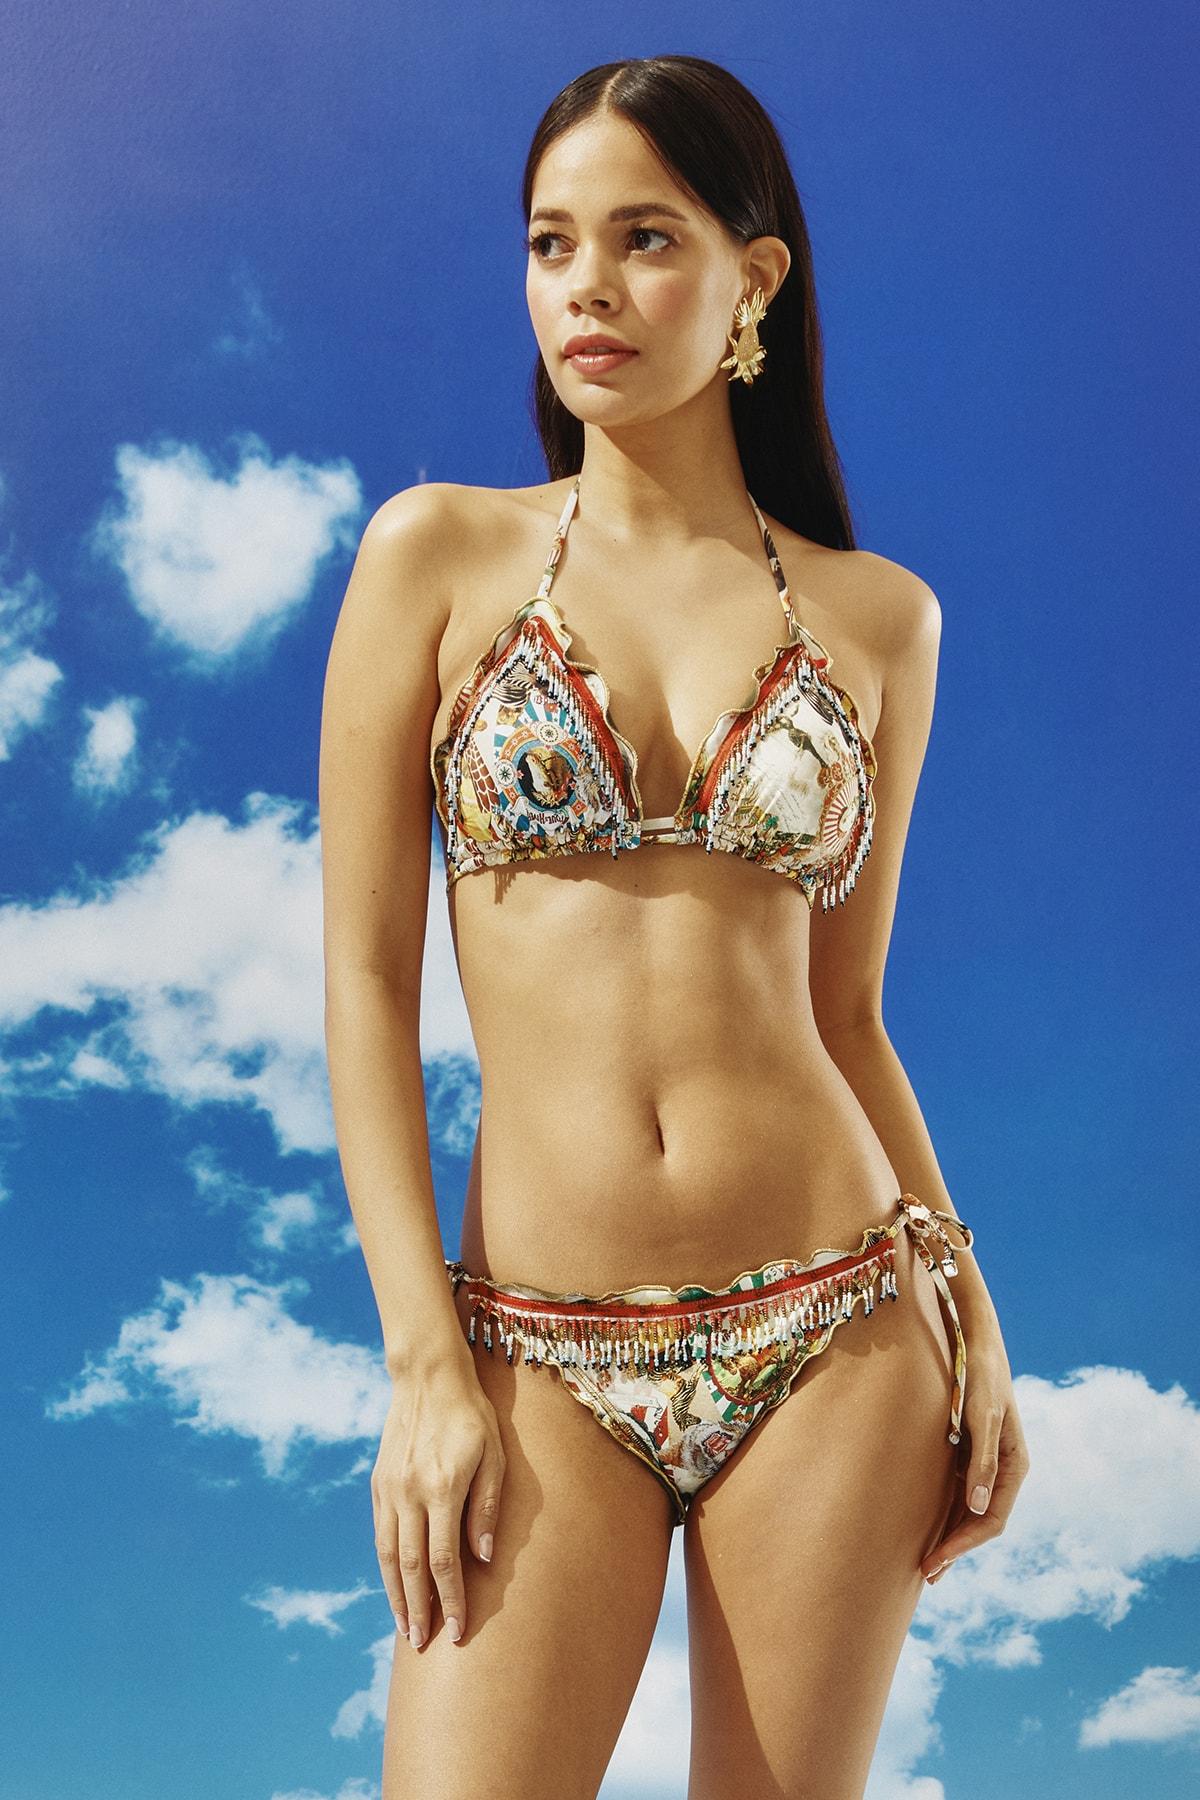 BONESTA Kadın Desenli Boncuk Püsküllü Üçgen Bikini